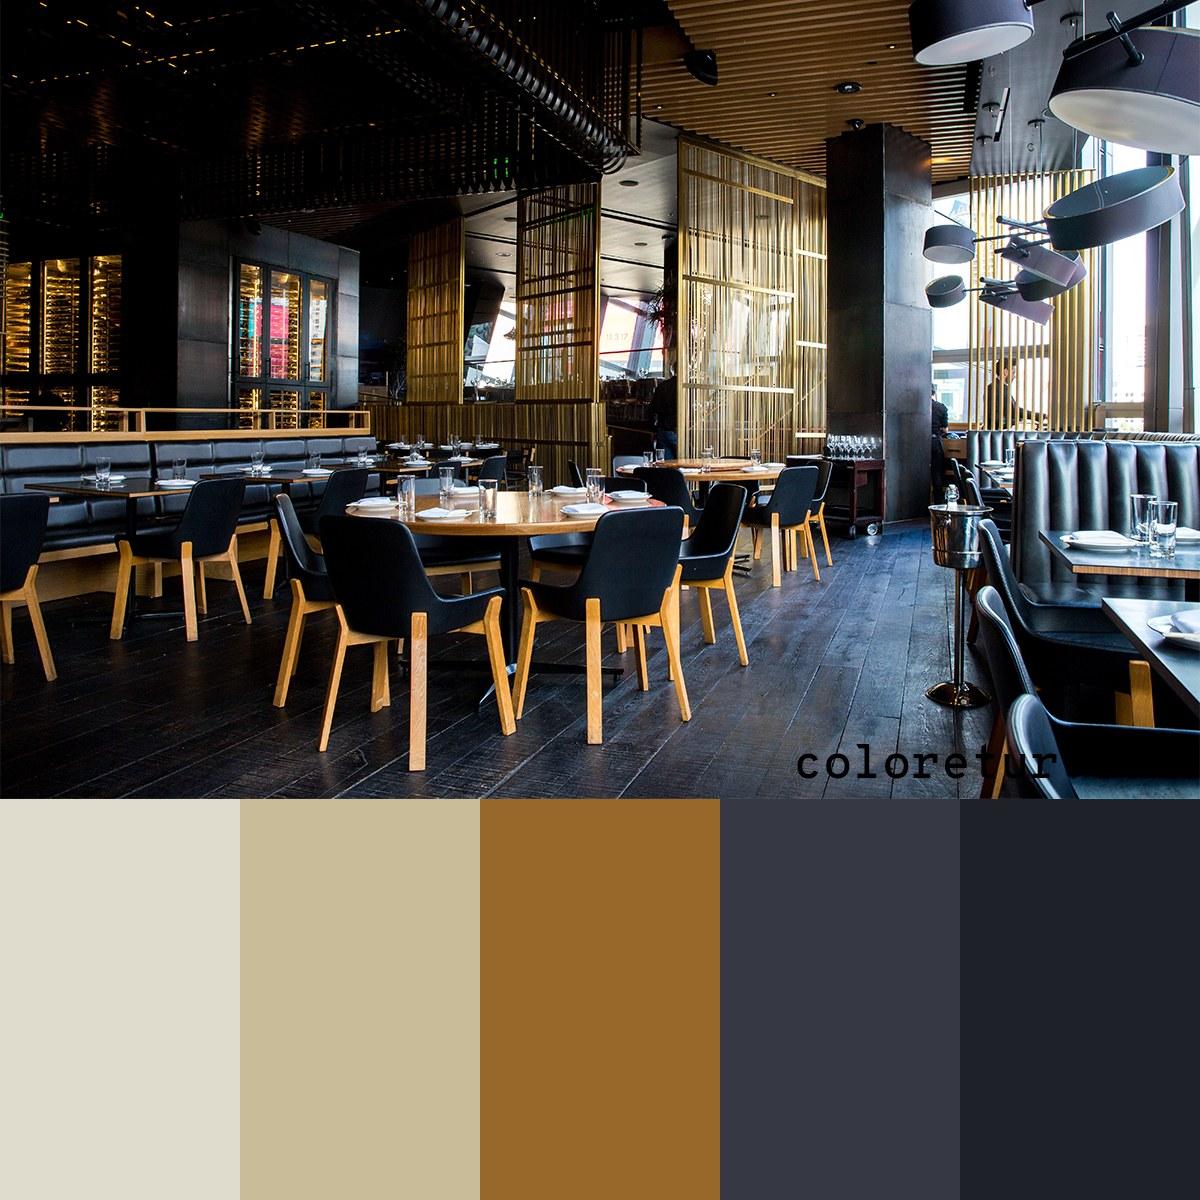 Clean, dark colors to create a modern feel in a bar environment